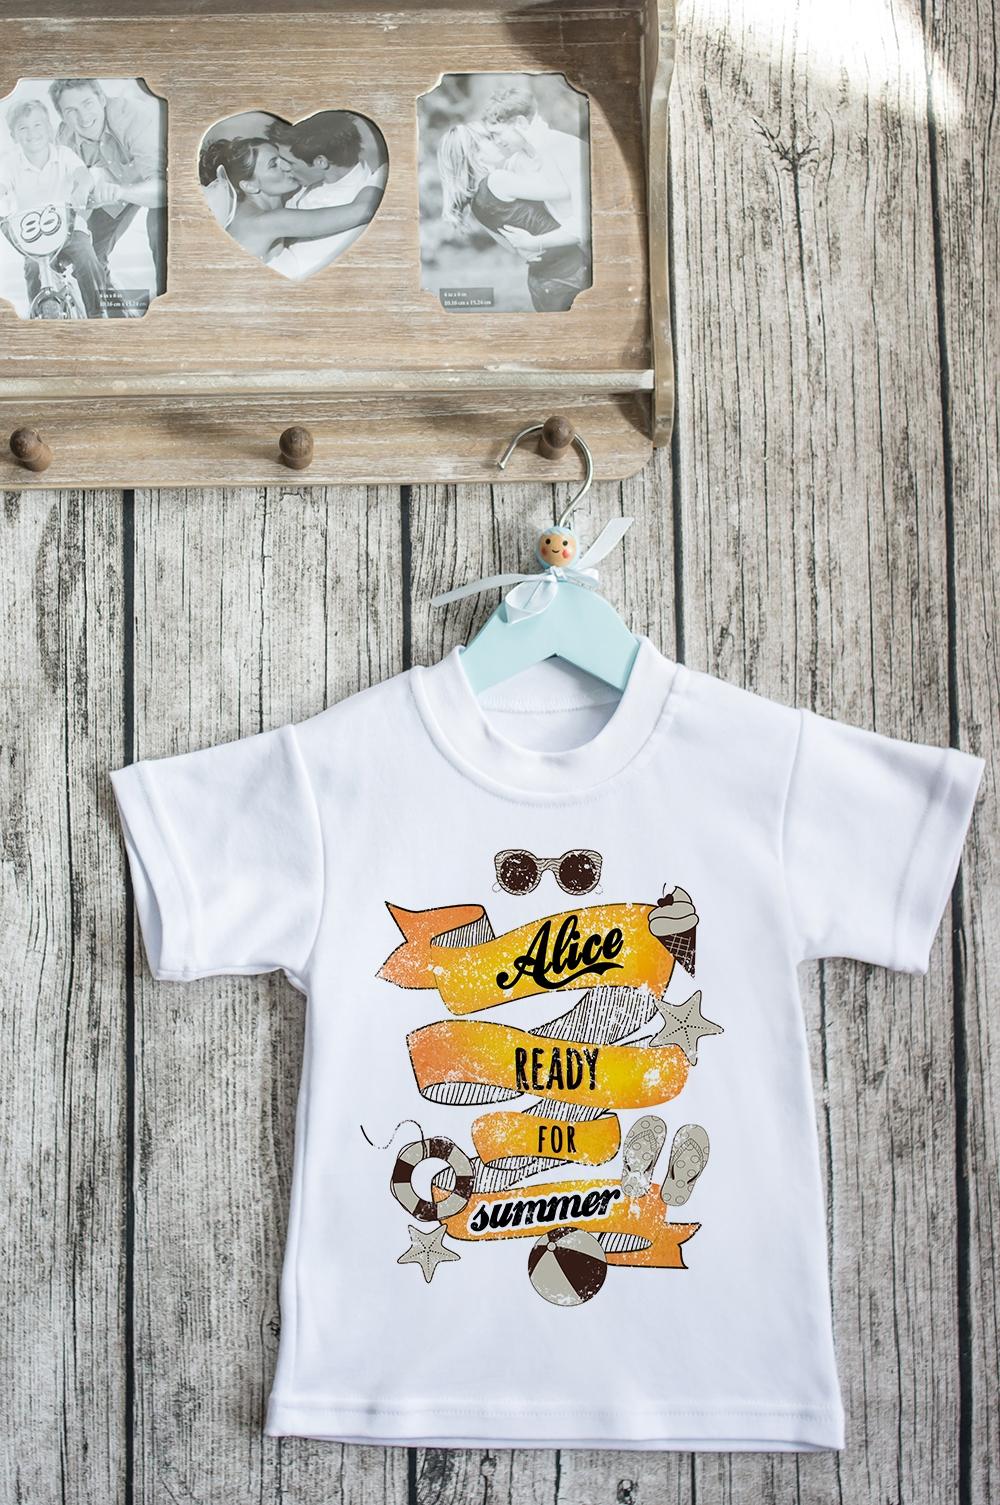 Футболка детская с вашим текстом Ready for SummerПерсональные подарки с Вашим именем<br>100% хлопок, белая, с нанесением текста. Товар является маломерным<br>